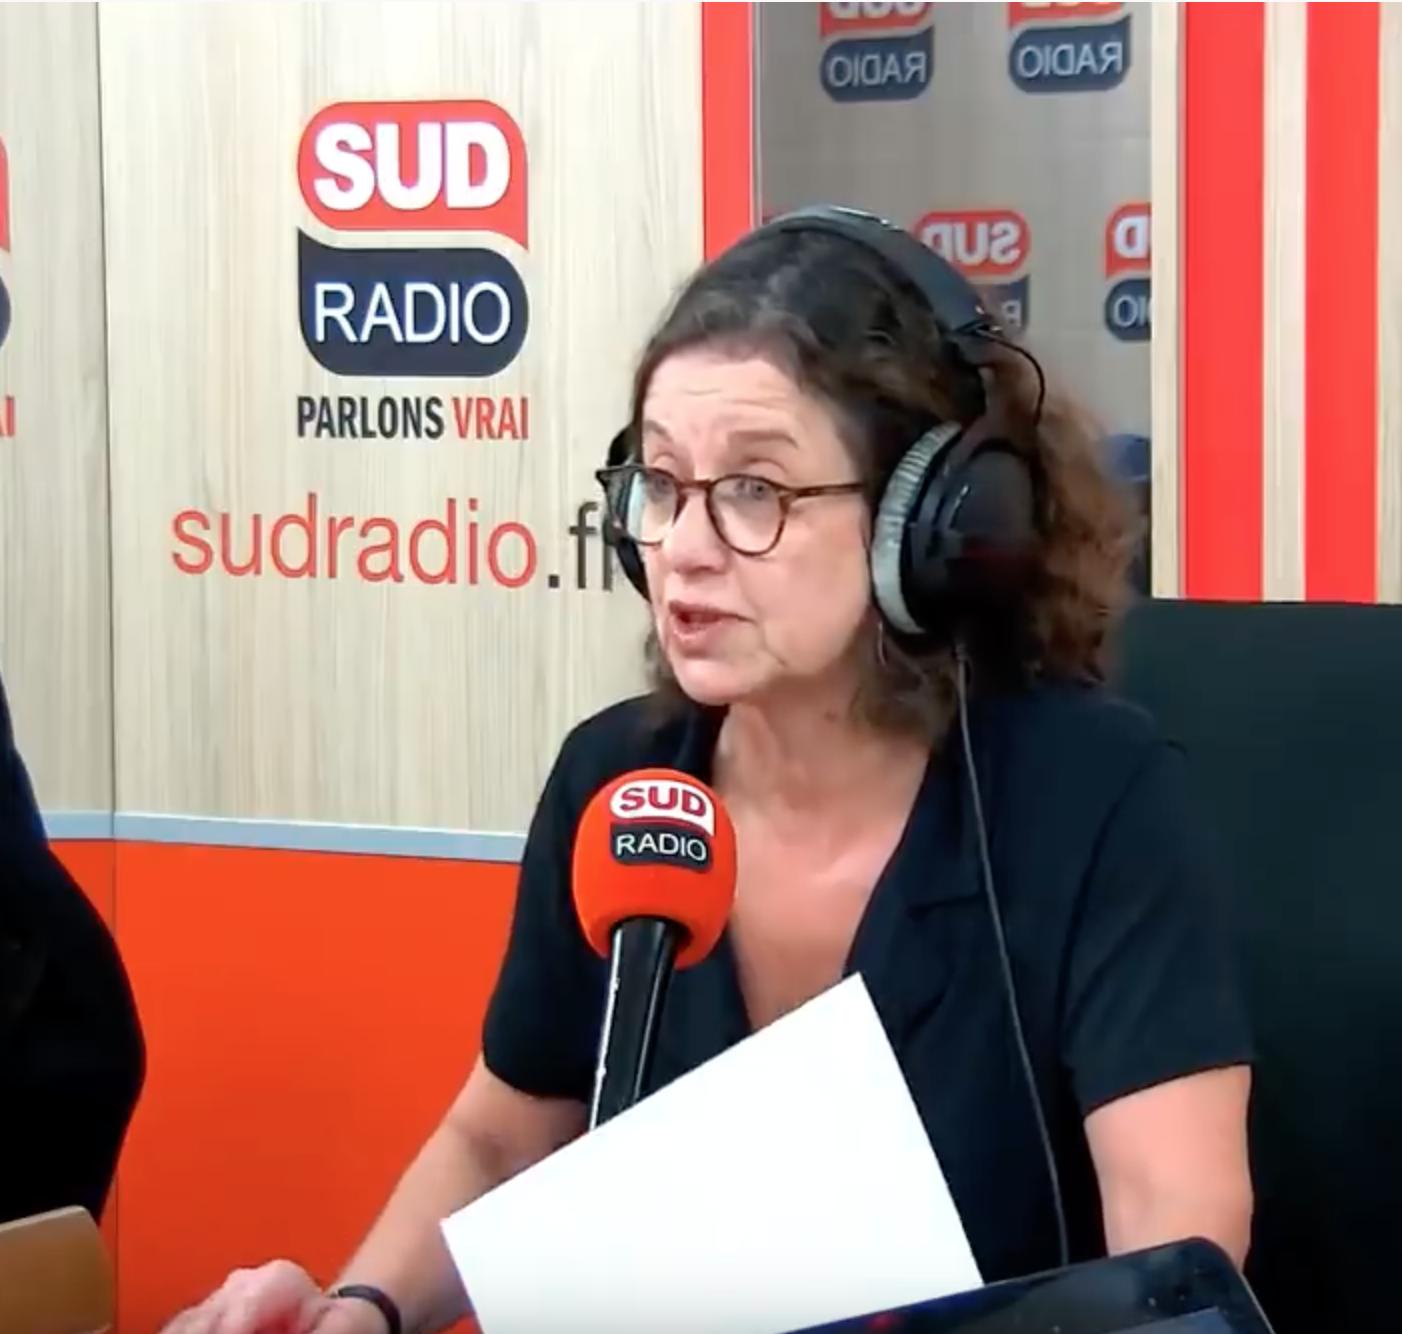 Elisabeth Lévy : la manif contre l'islamophobie est une insulte à la mémoire de Charb, Cabu, Wolinski…